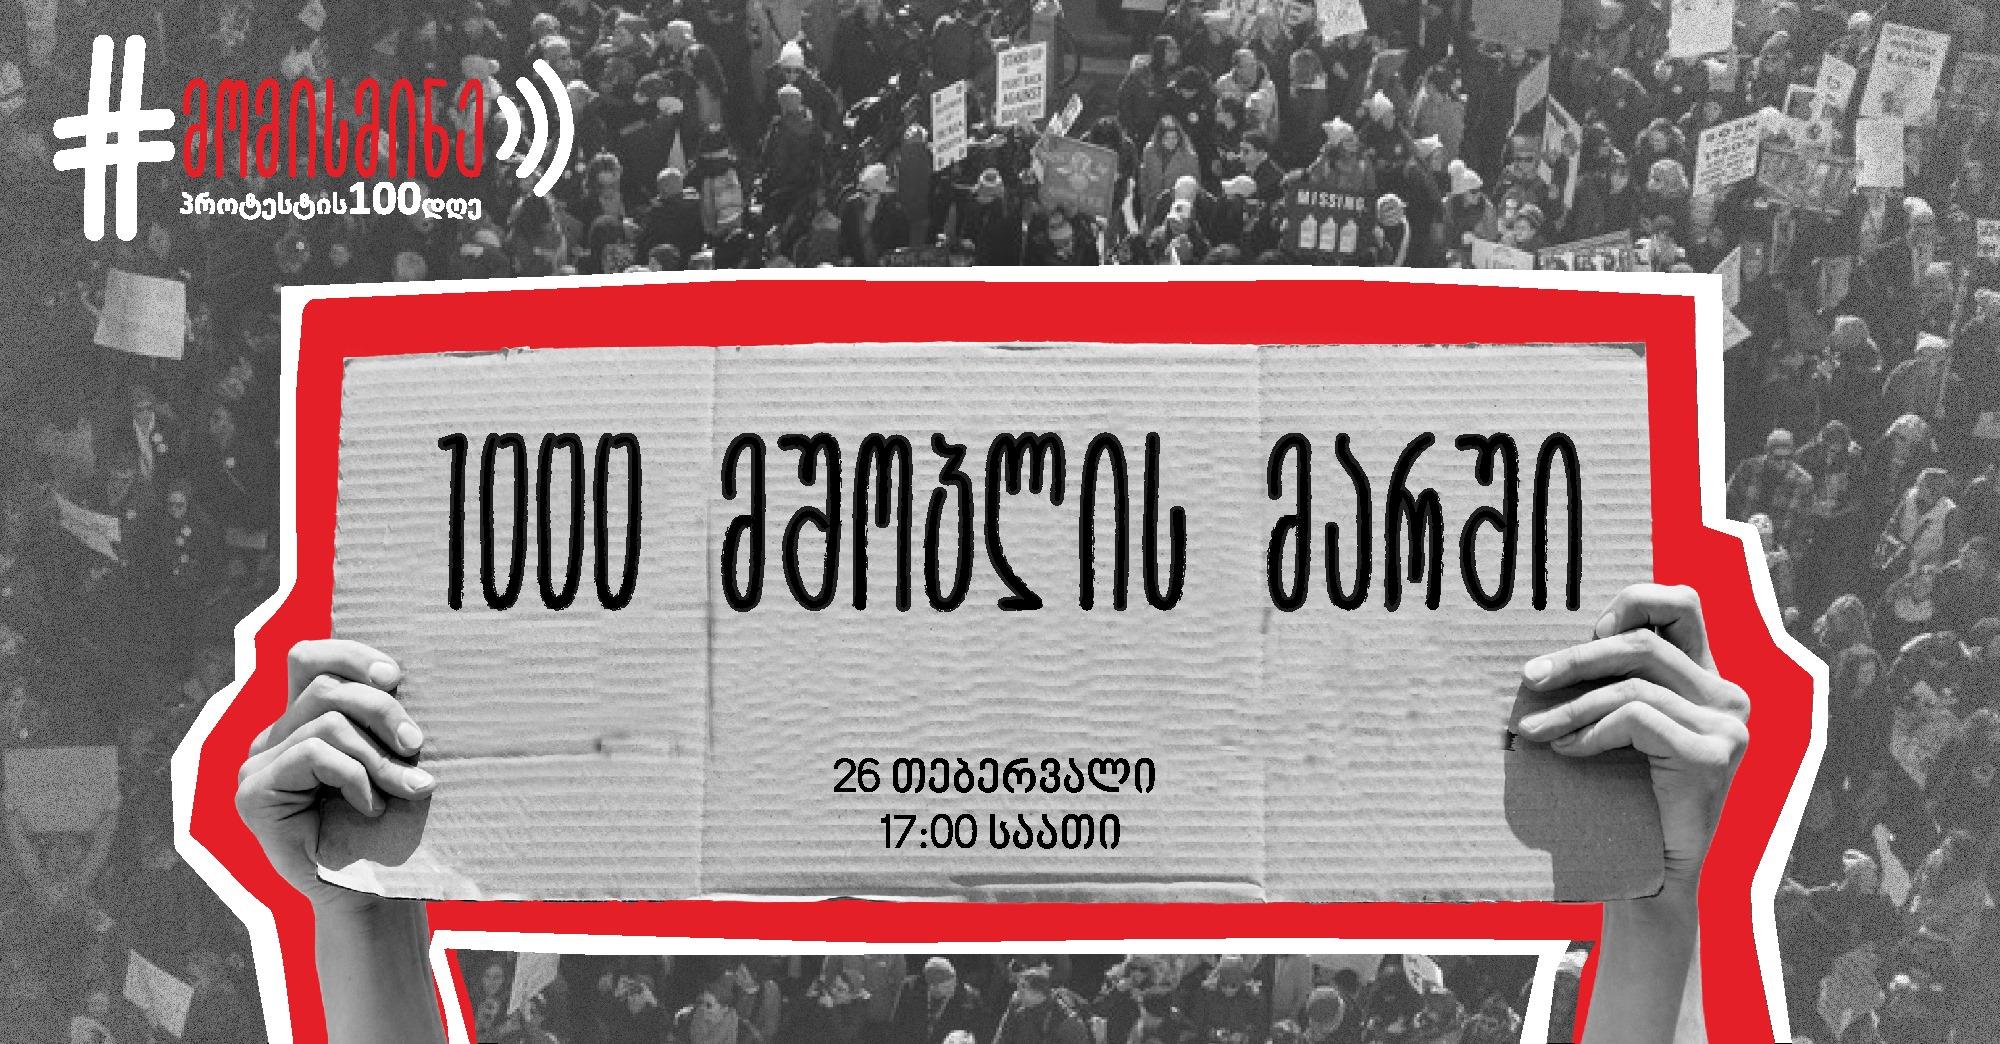 """""""1000 მშობლის მარში"""" ქალებისა და გოგონების მიმართ სქესობრივი ძალადობის წინააღმდეგ"""